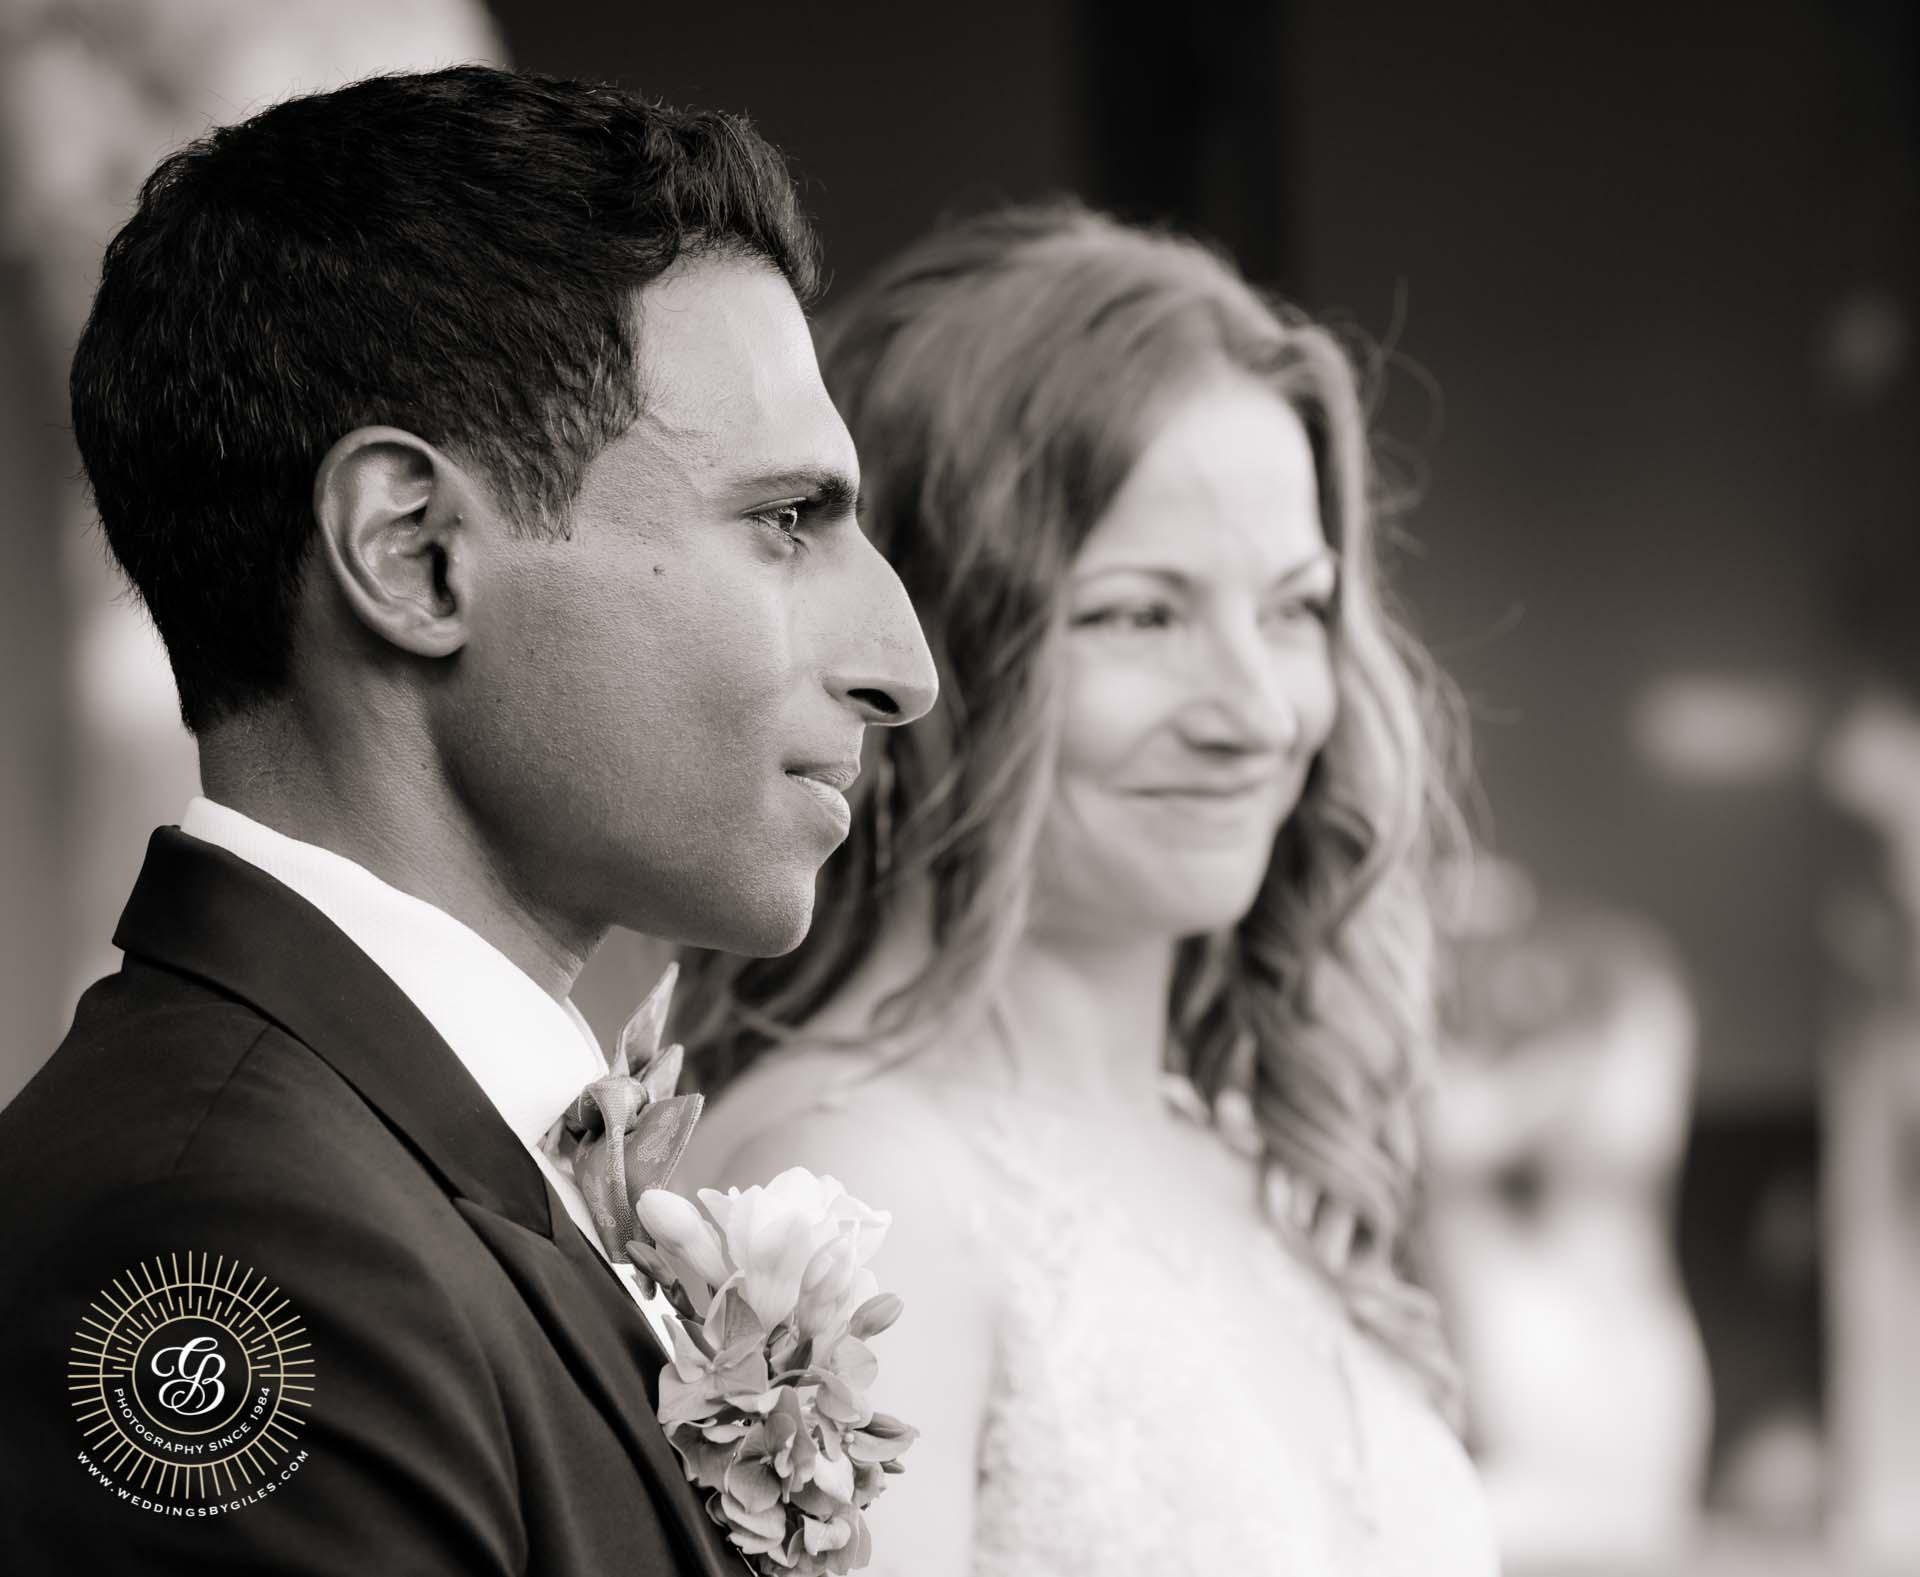 Groom getting married in spain